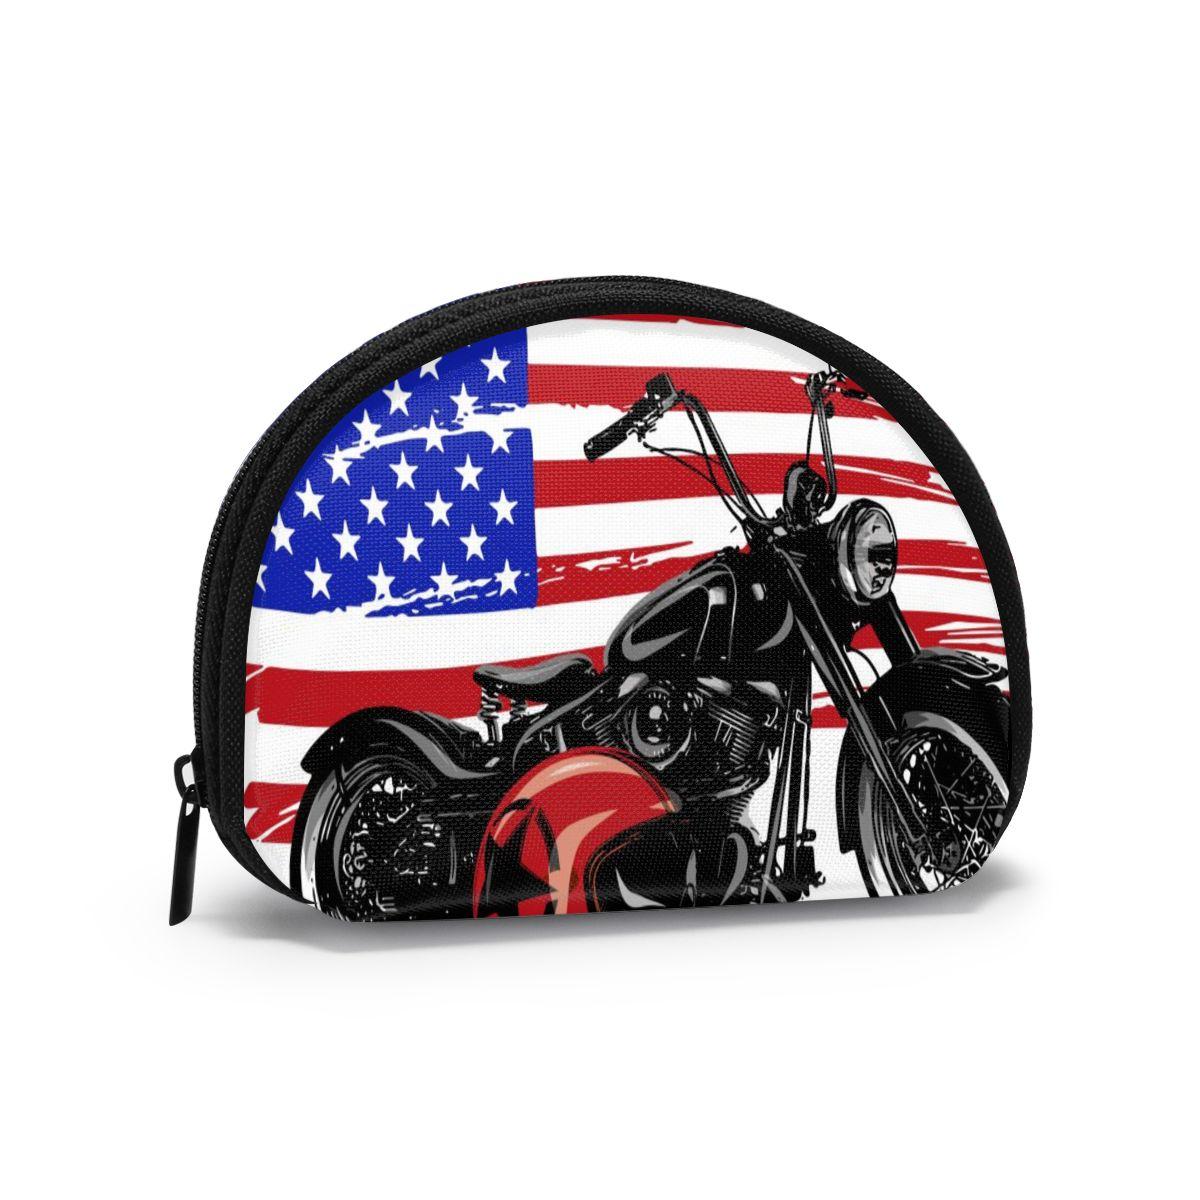 2020 cartera inteligente para hombre y mujer, billetera para tarjetas de visita, Mini billetera para tarjetas de crédito, Estilo Vintage, motocicleta americana Chopper con bandera